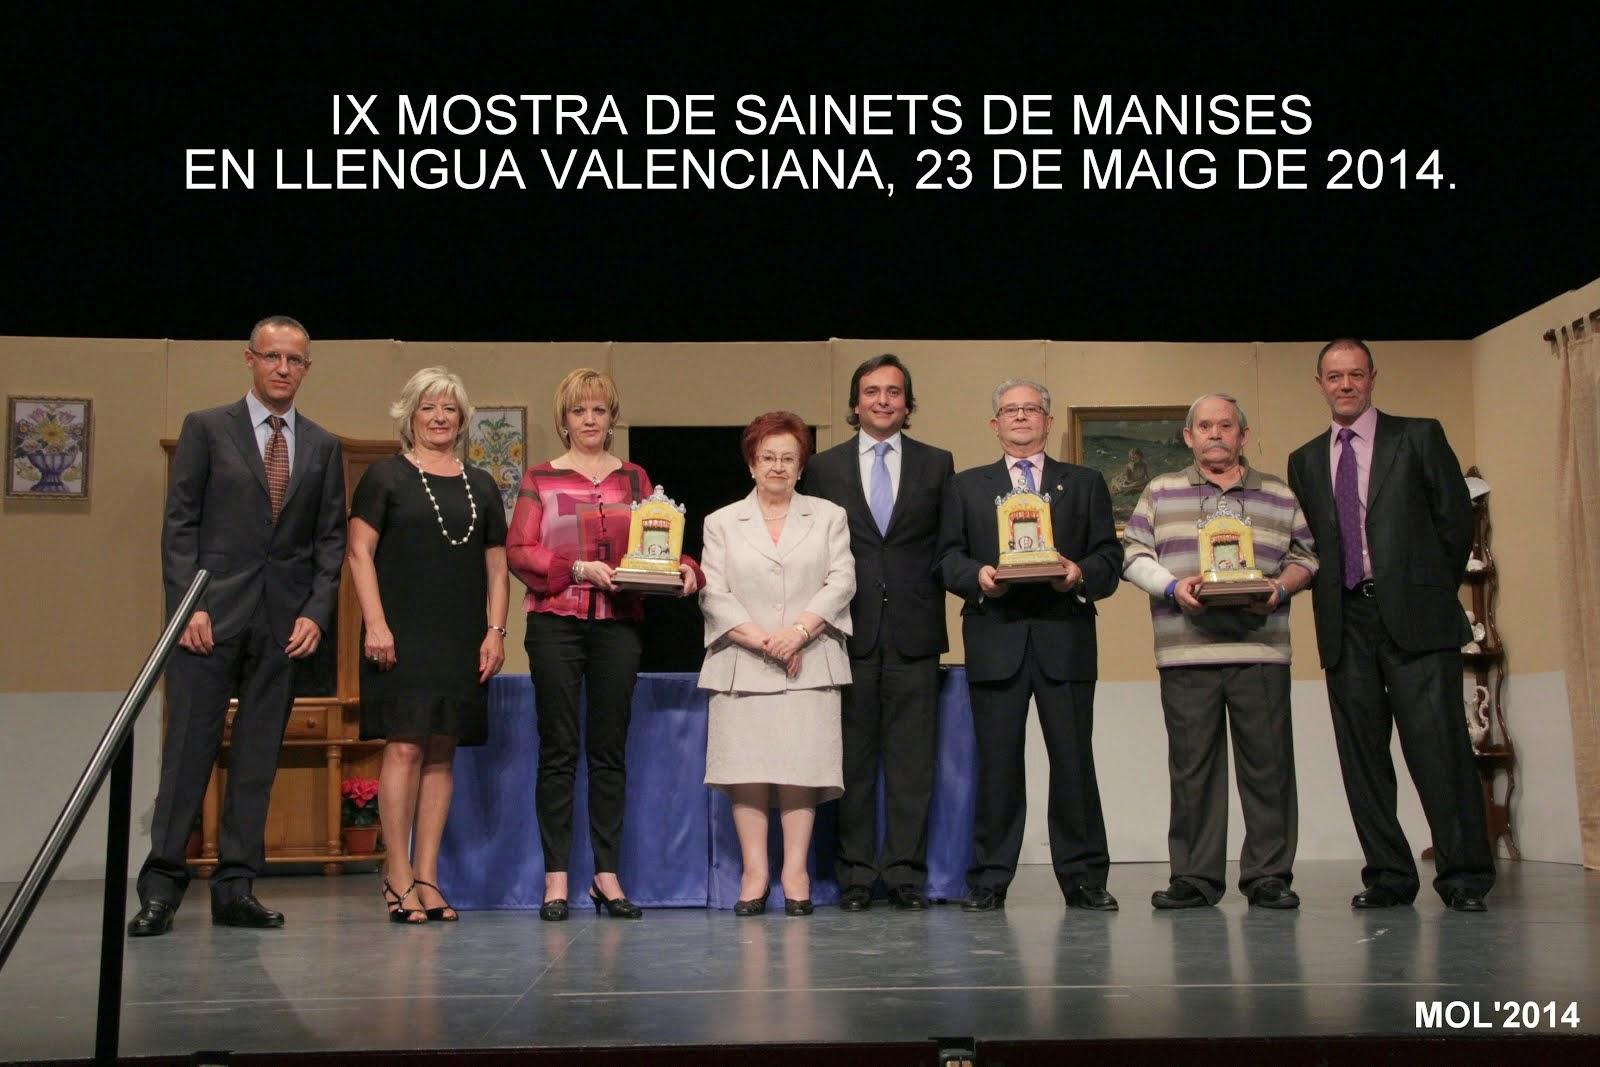 MOSTRA DE SAINETS DE MANISES EN LLENGUA VALENCIANA 2014